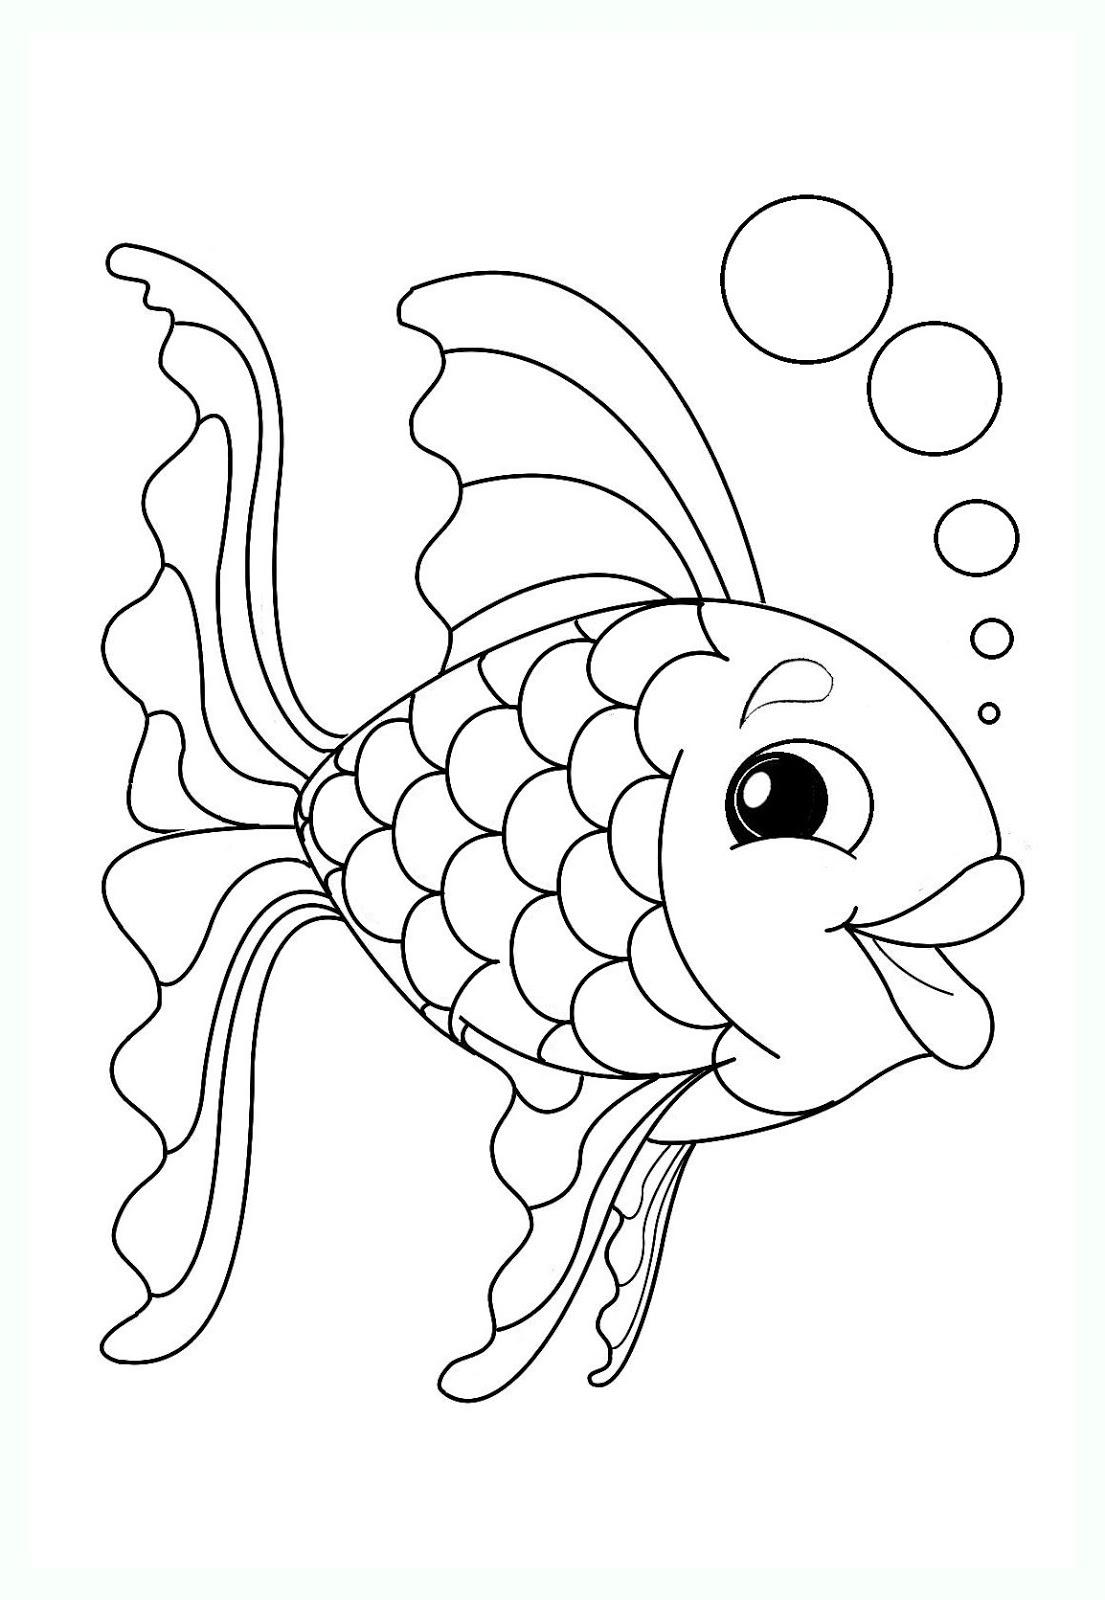 Tranh tô màu con cá cute